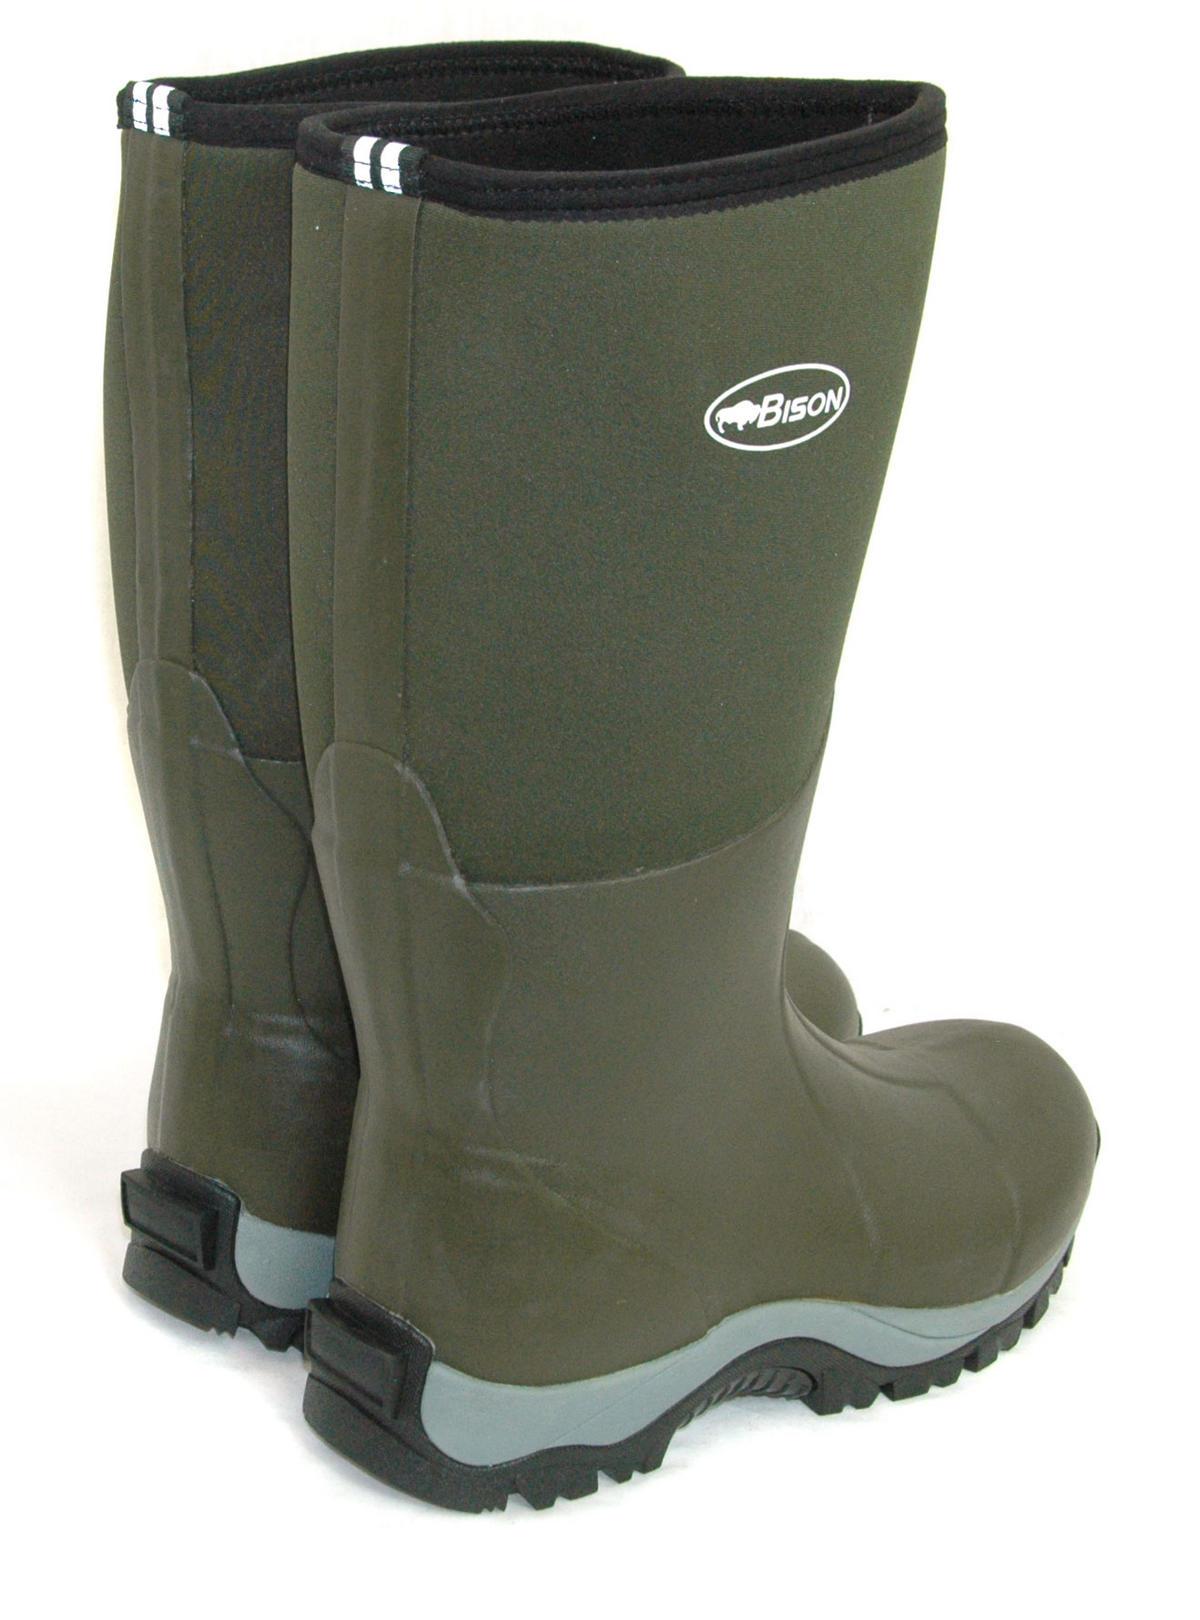 Bison 10mm Winter Neoprene Wellington Muck Boot Bison